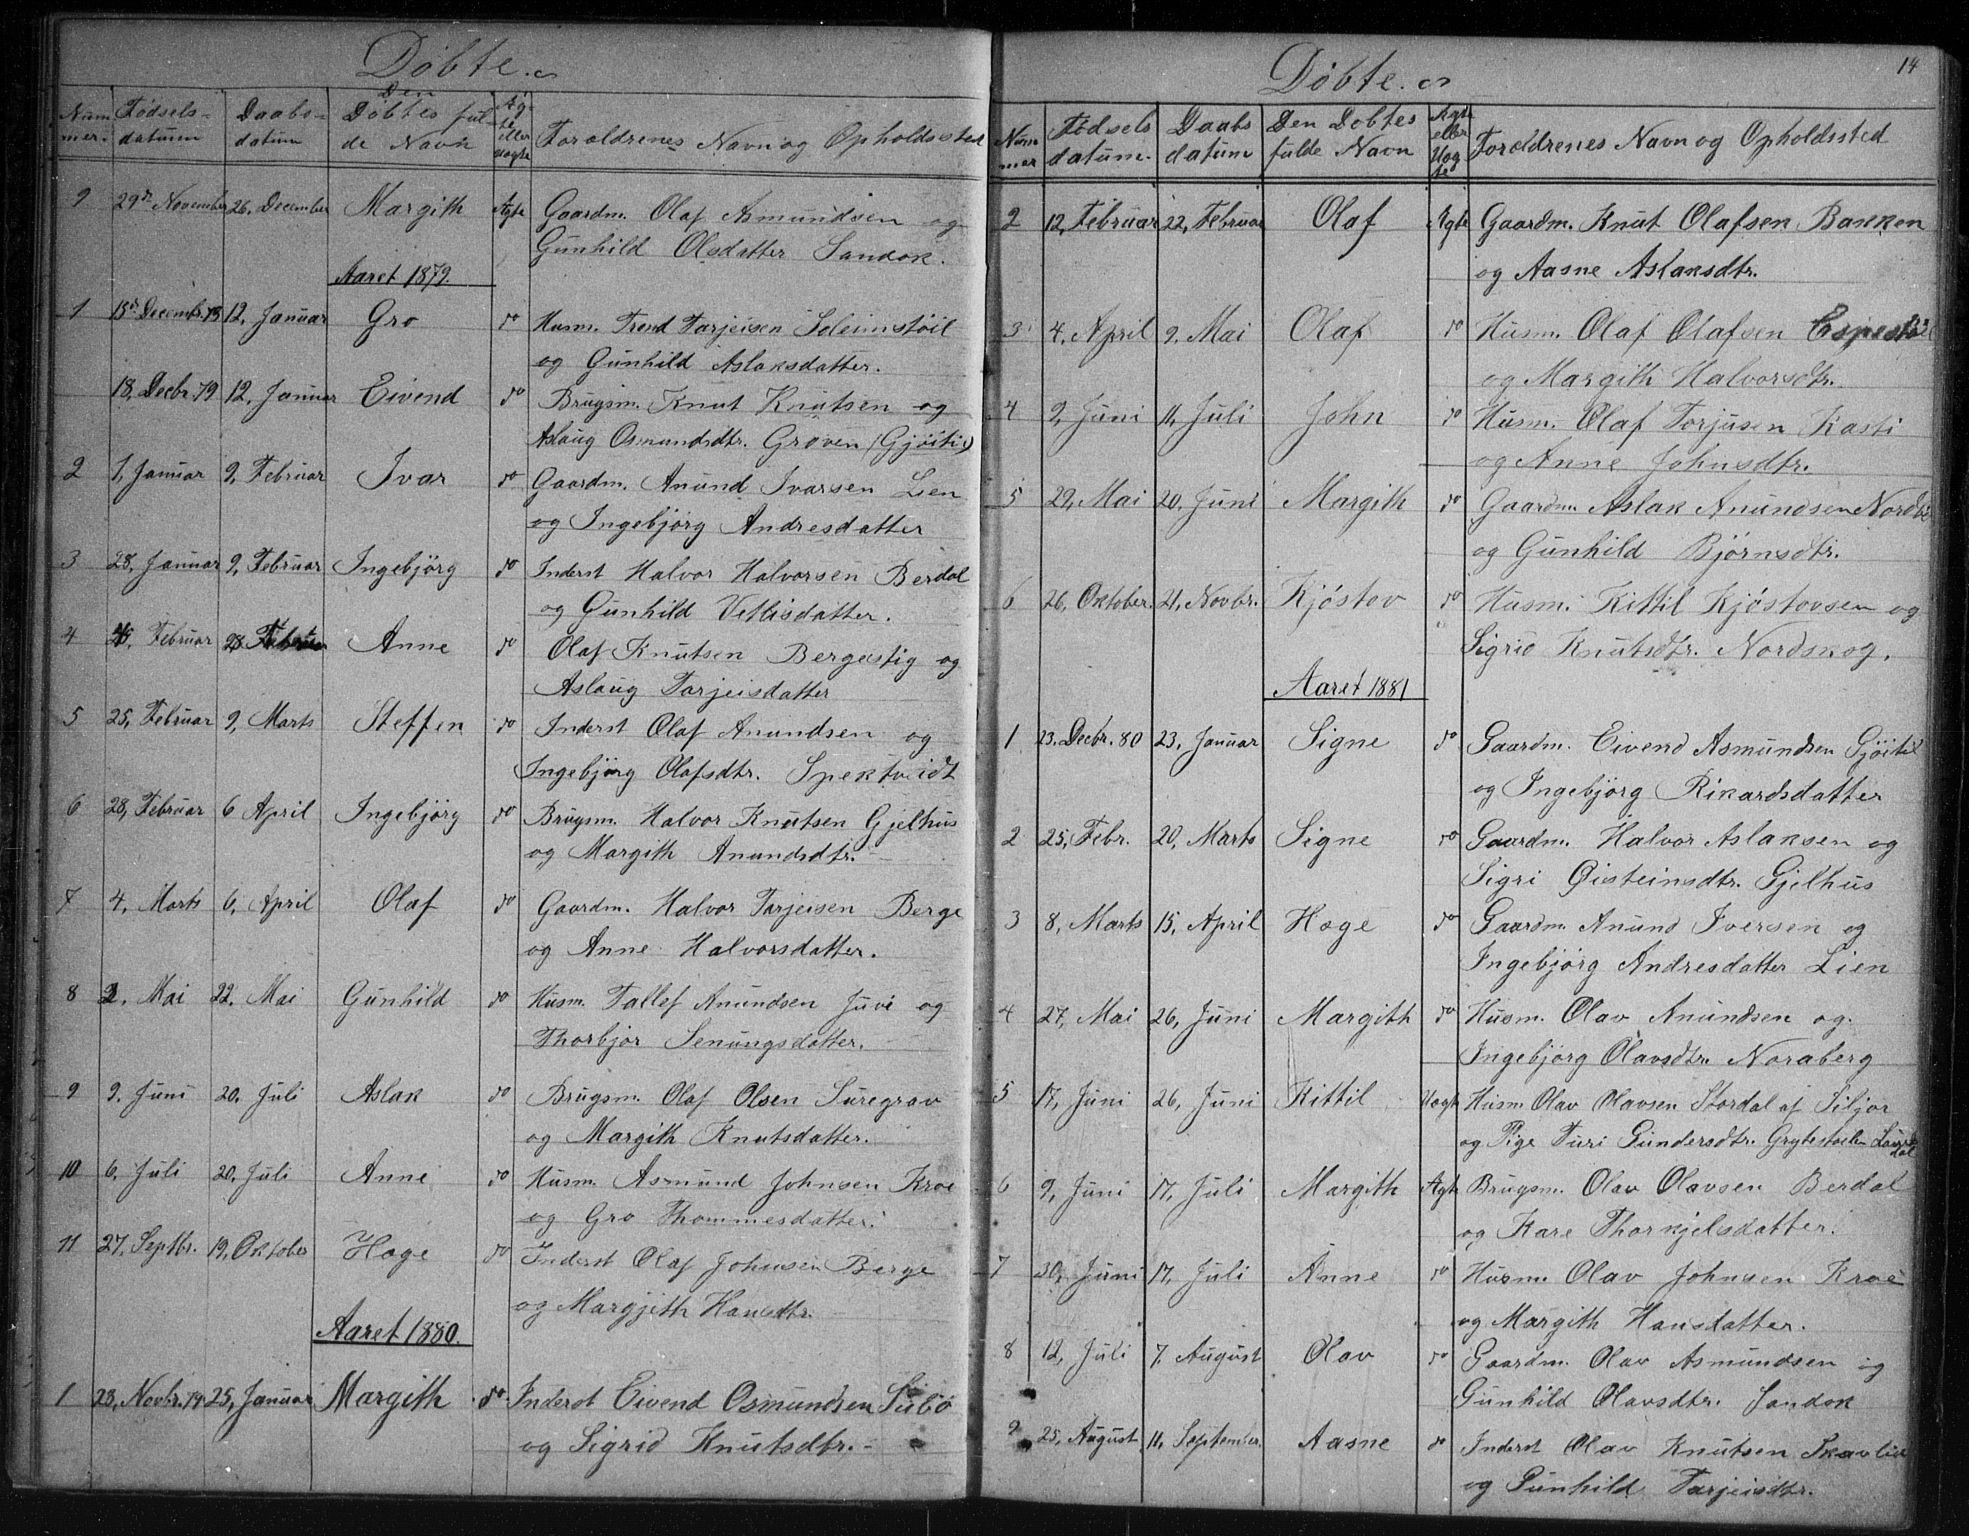 SAKO, Vinje kirkebøker, G/Gb/L0002: Klokkerbok nr. II 2, 1849-1891, s. 14